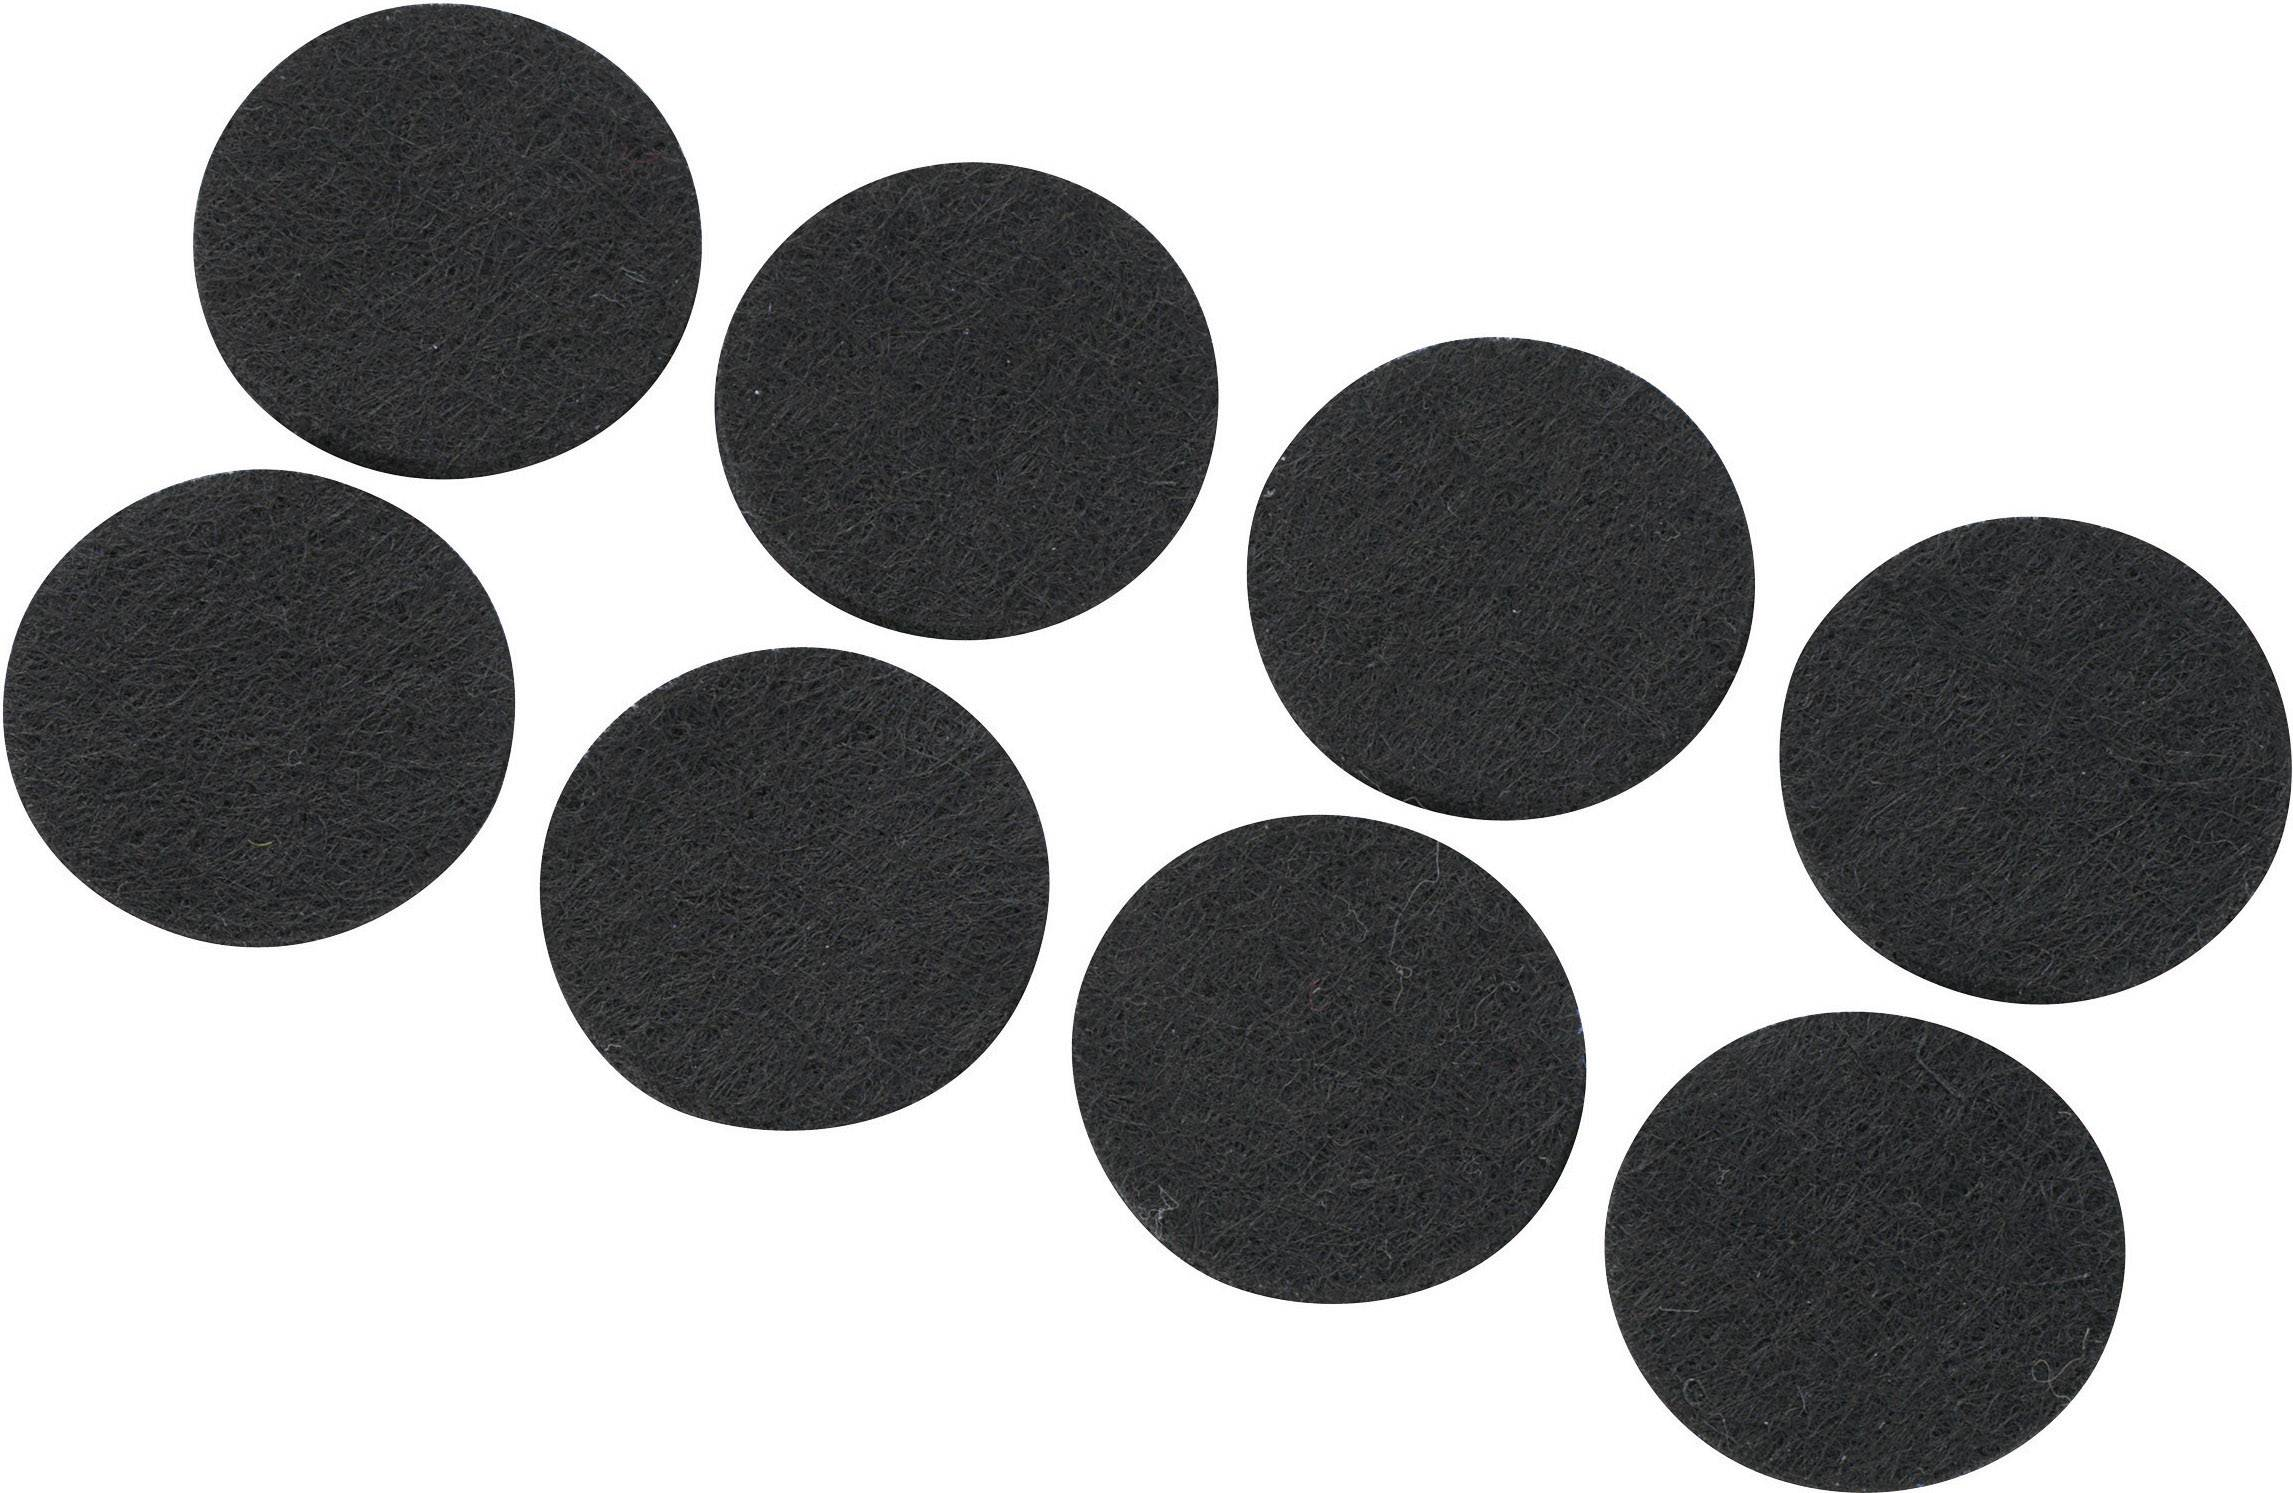 Plstené podložky TRU COMPONENTS FP2503WT, (Ø x v) 25 mm x 3 mm, čierna, 8 ks